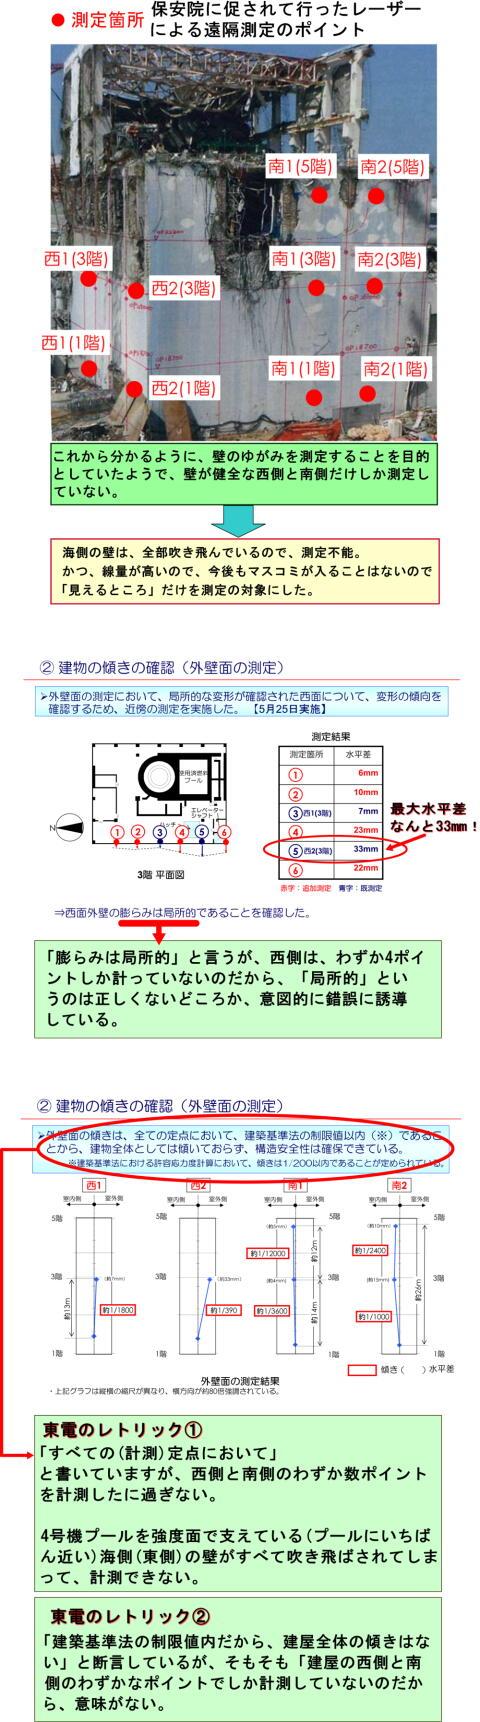 20120530-4.jpg